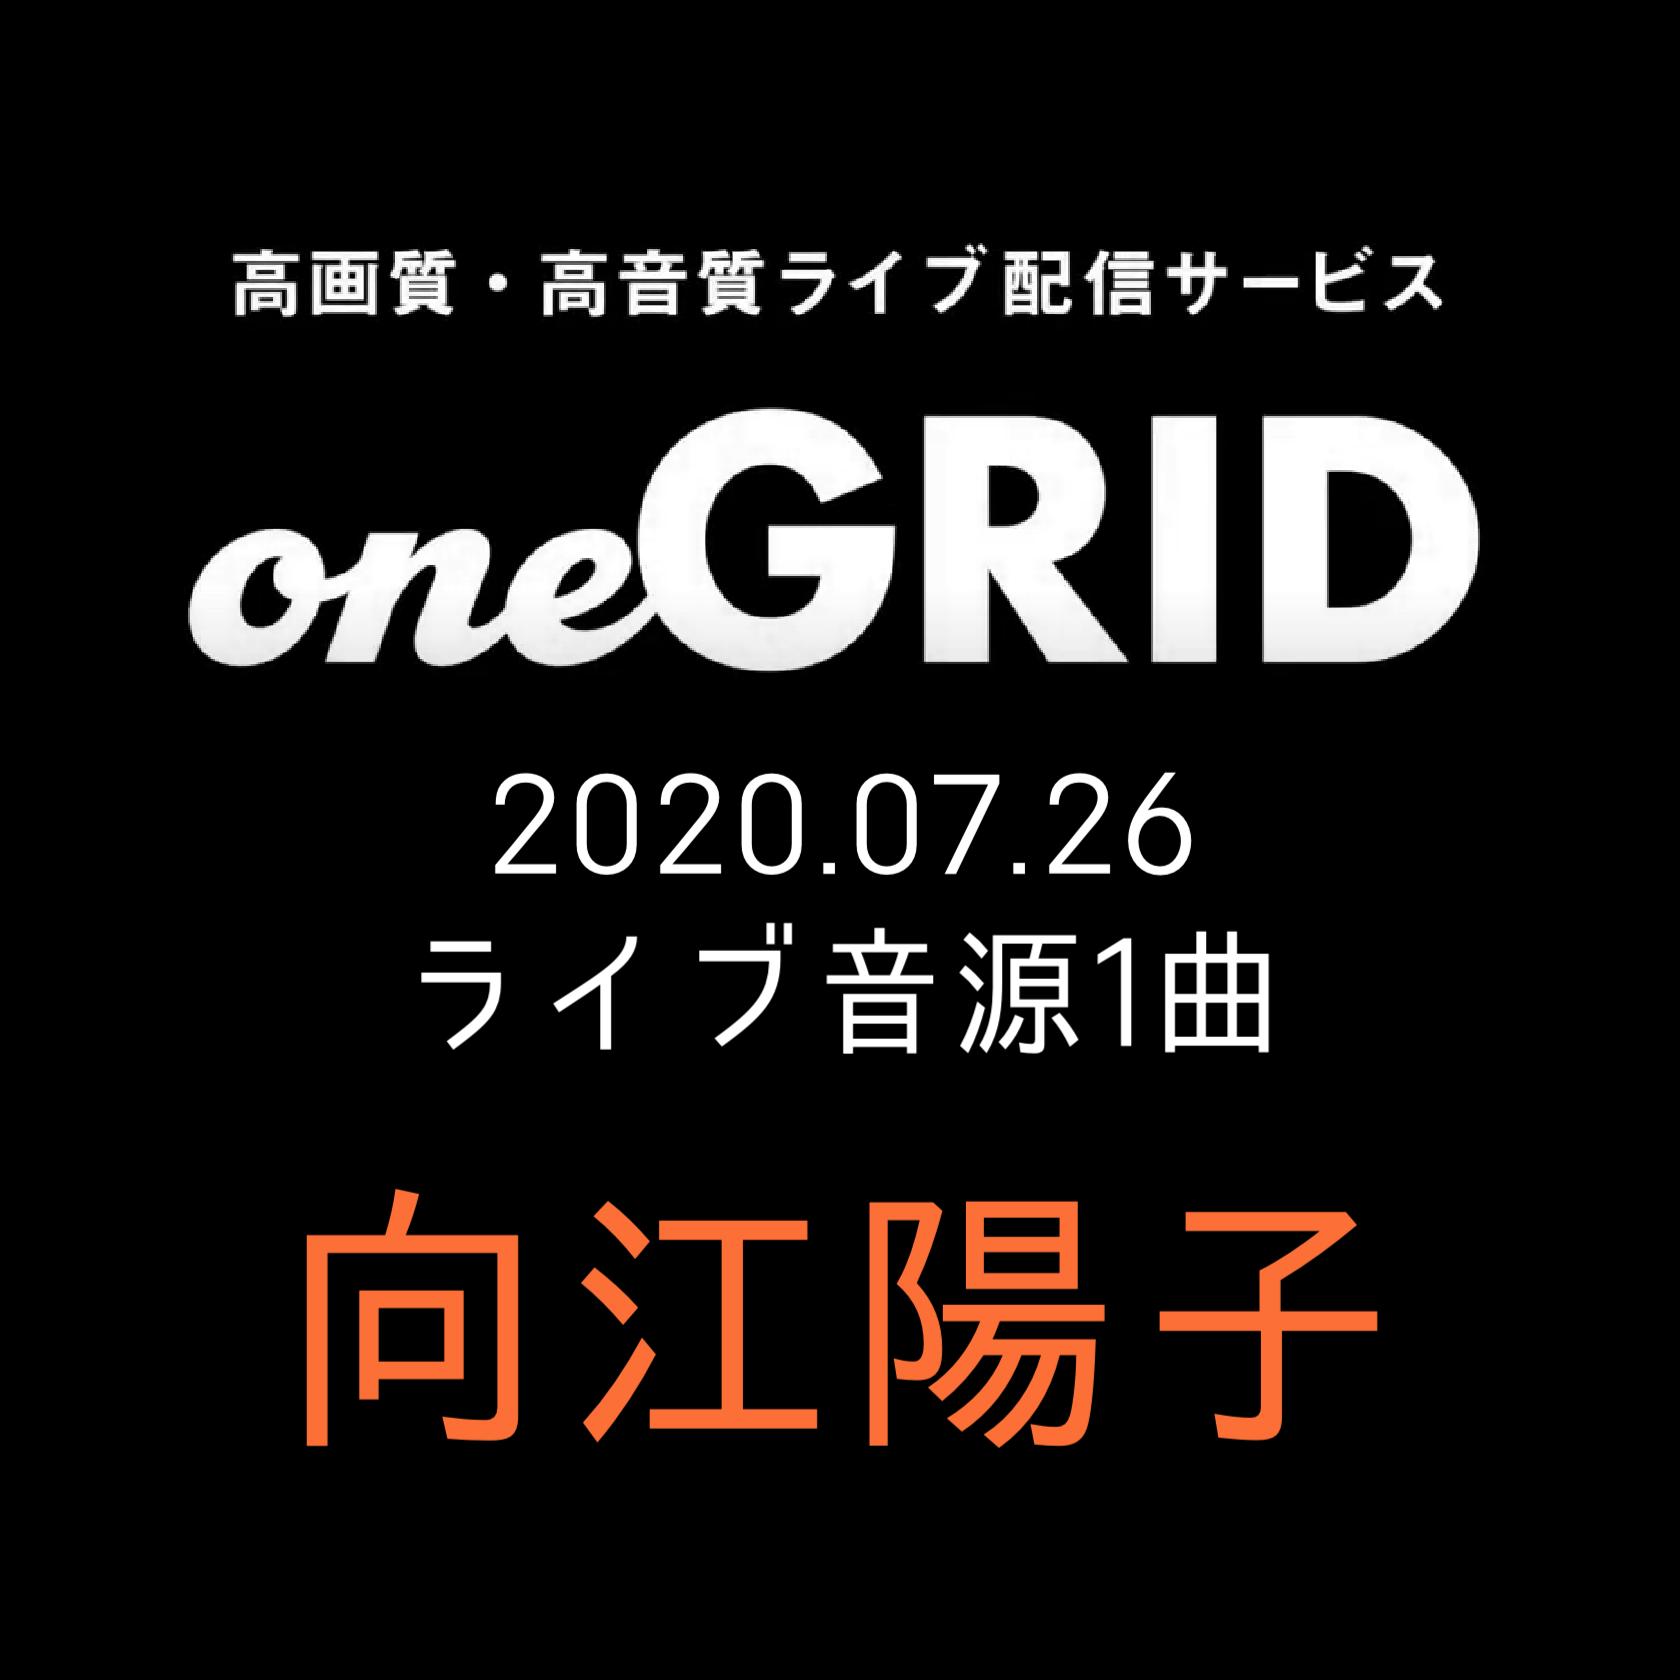 7/26向江陽子ライブ音源